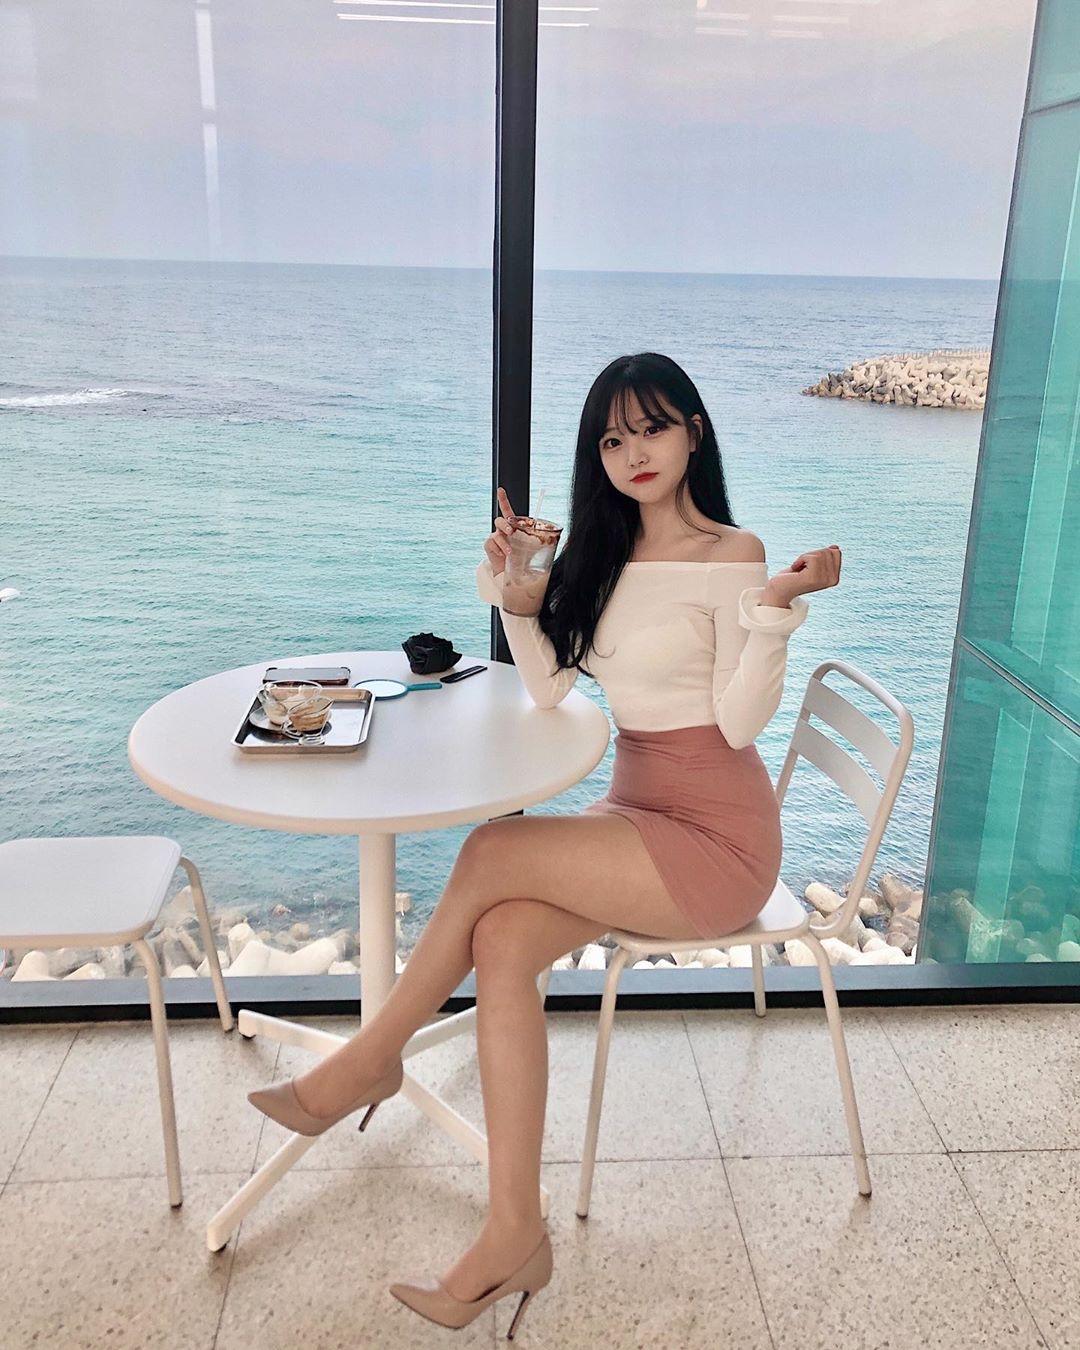 【画像】韓国の女子、スタイルが異次元w